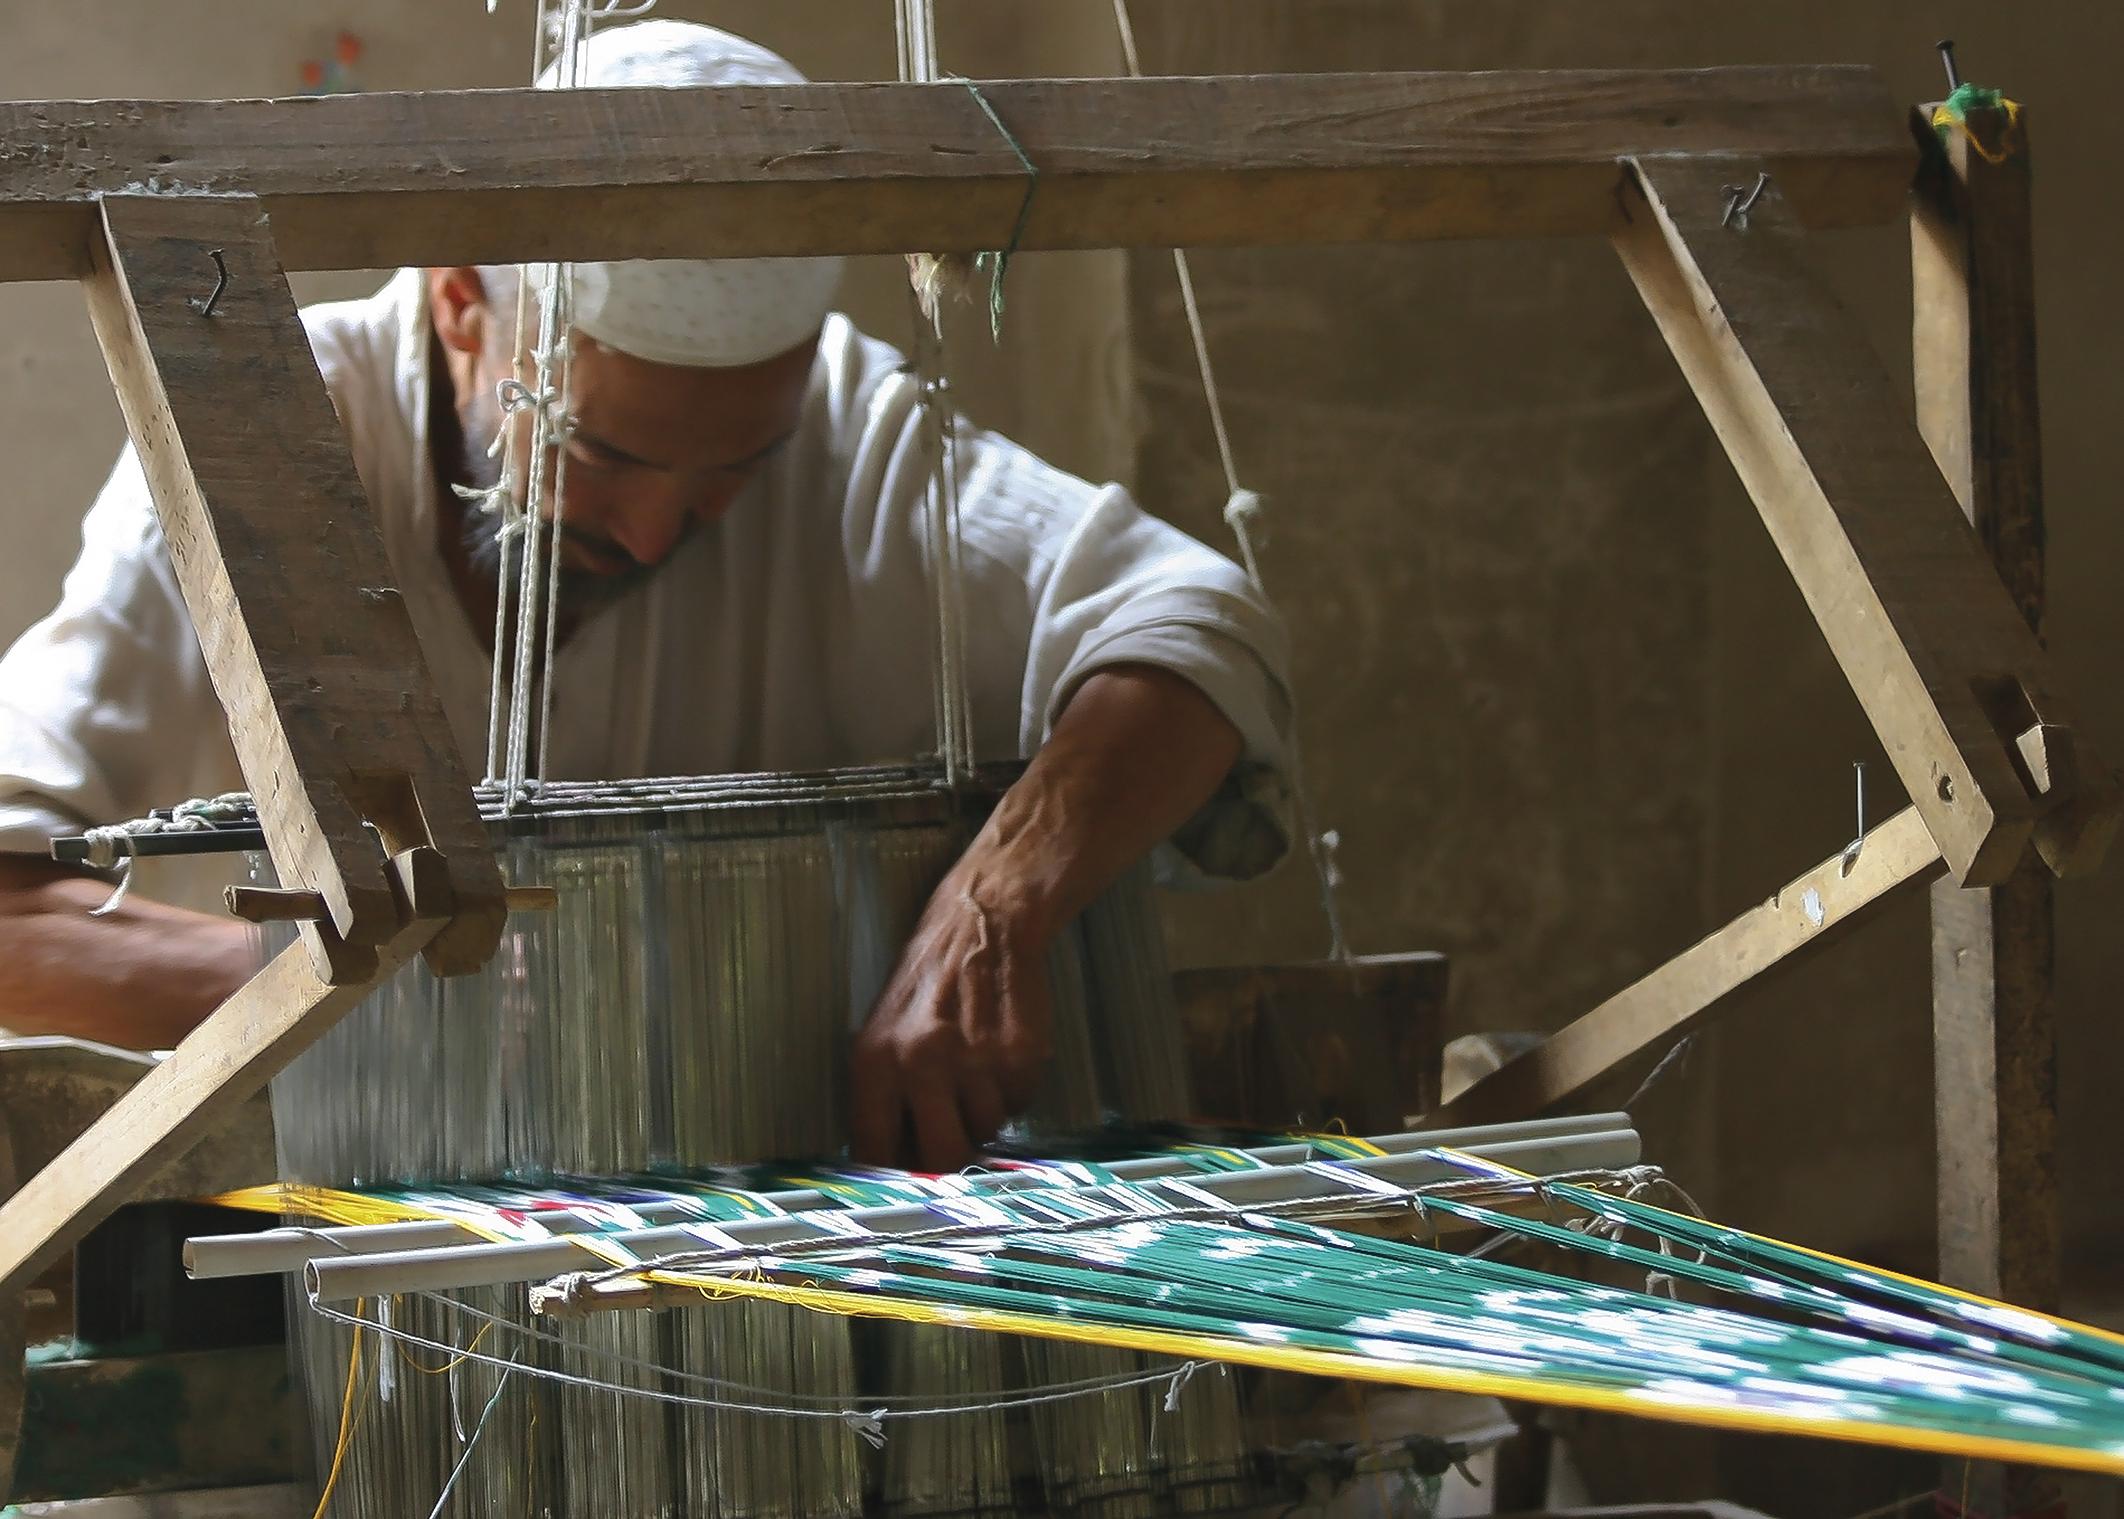 Tissage d'un ikat chaîne en soie, en 2006, Khotan, Xinjiang, Chine. Photo Rémy Prin